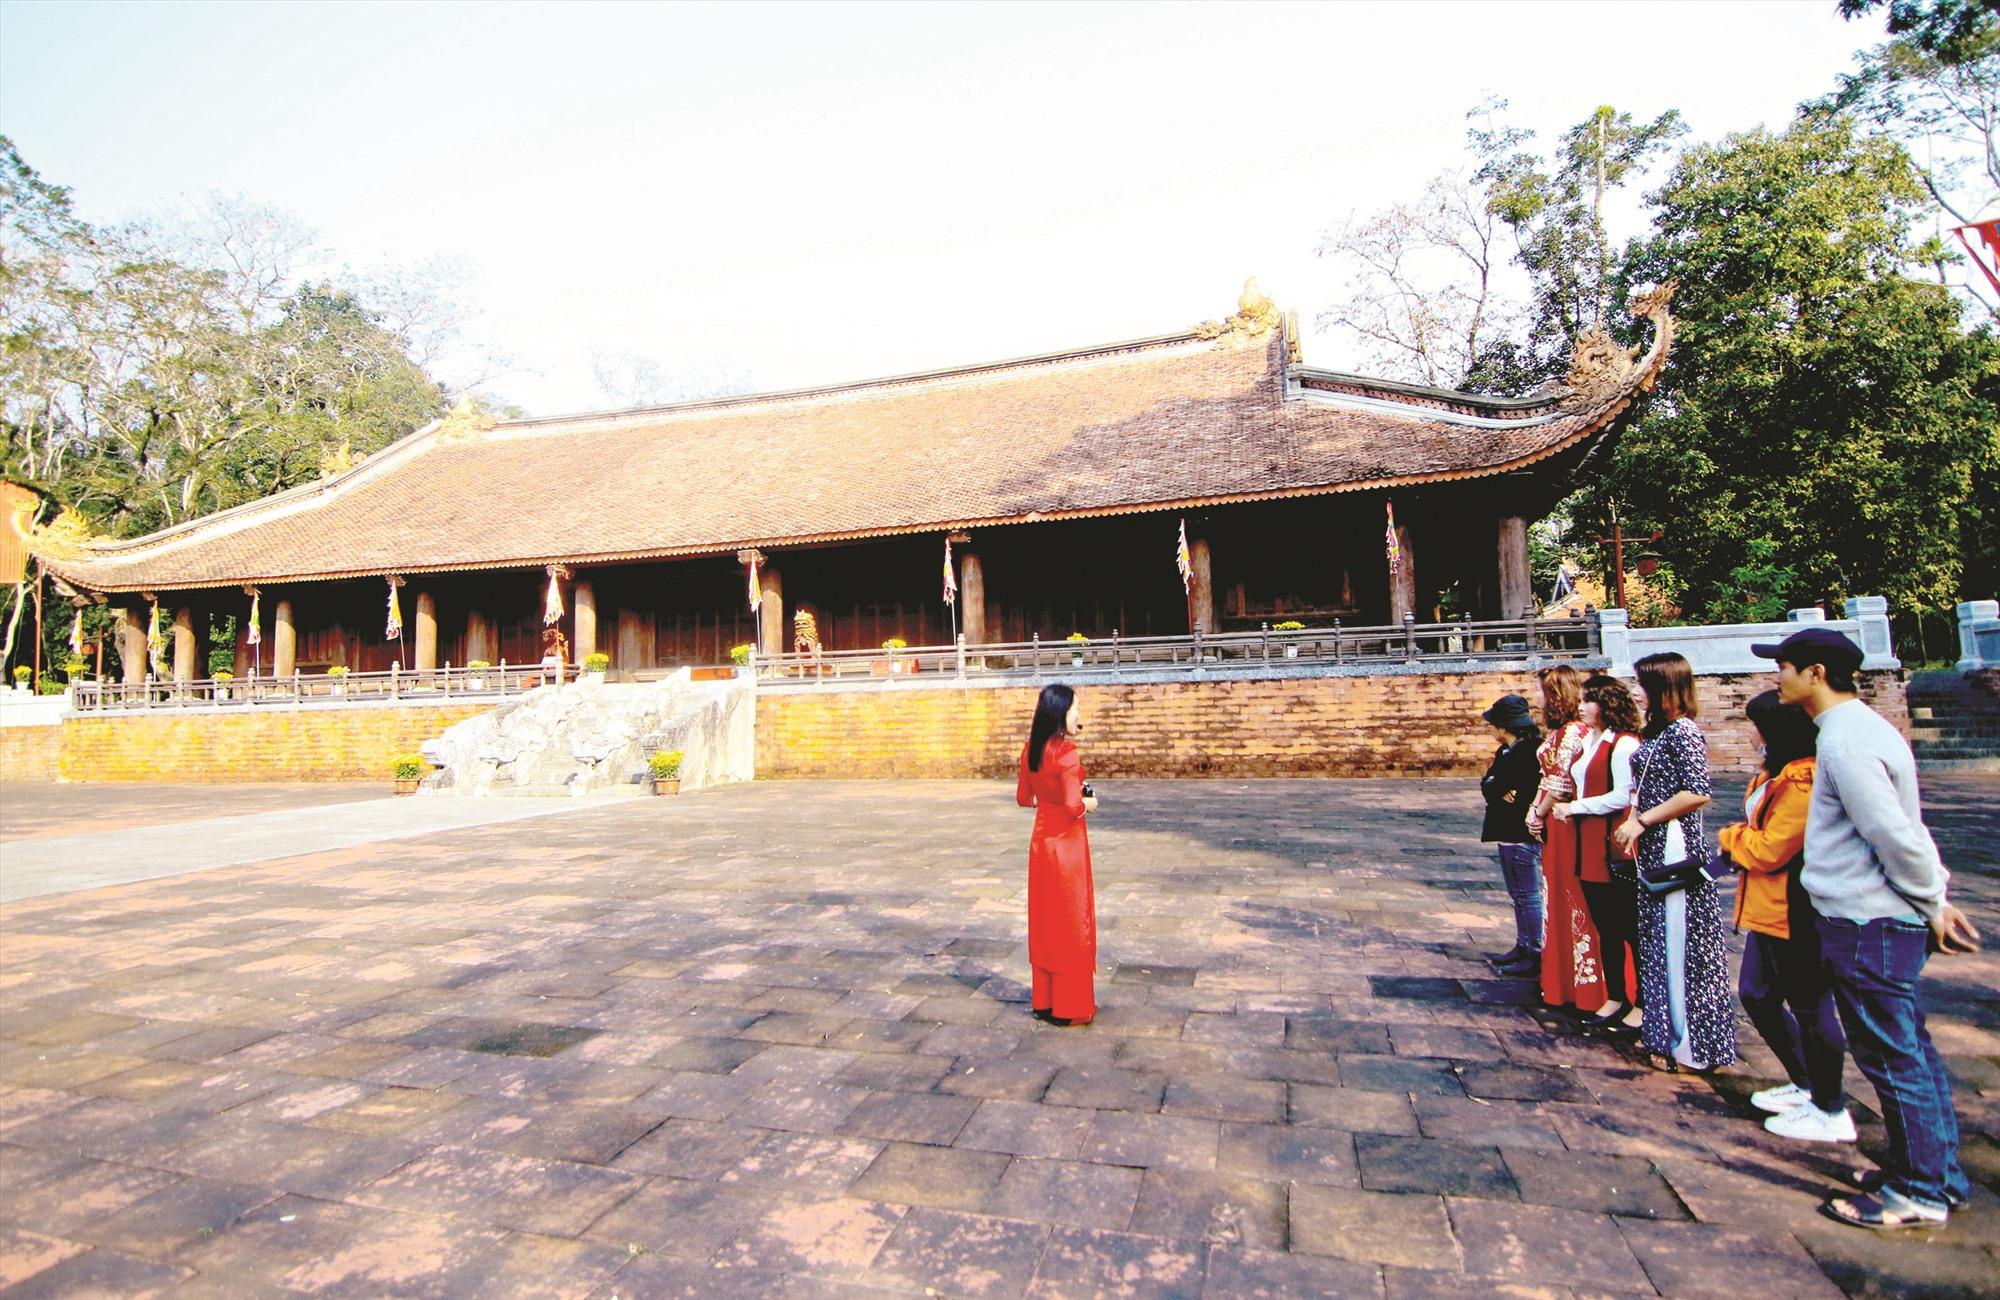 Du khách tham quan Khu di tích lịch sử Lam Kinh. Ảnh: PHAN VINH